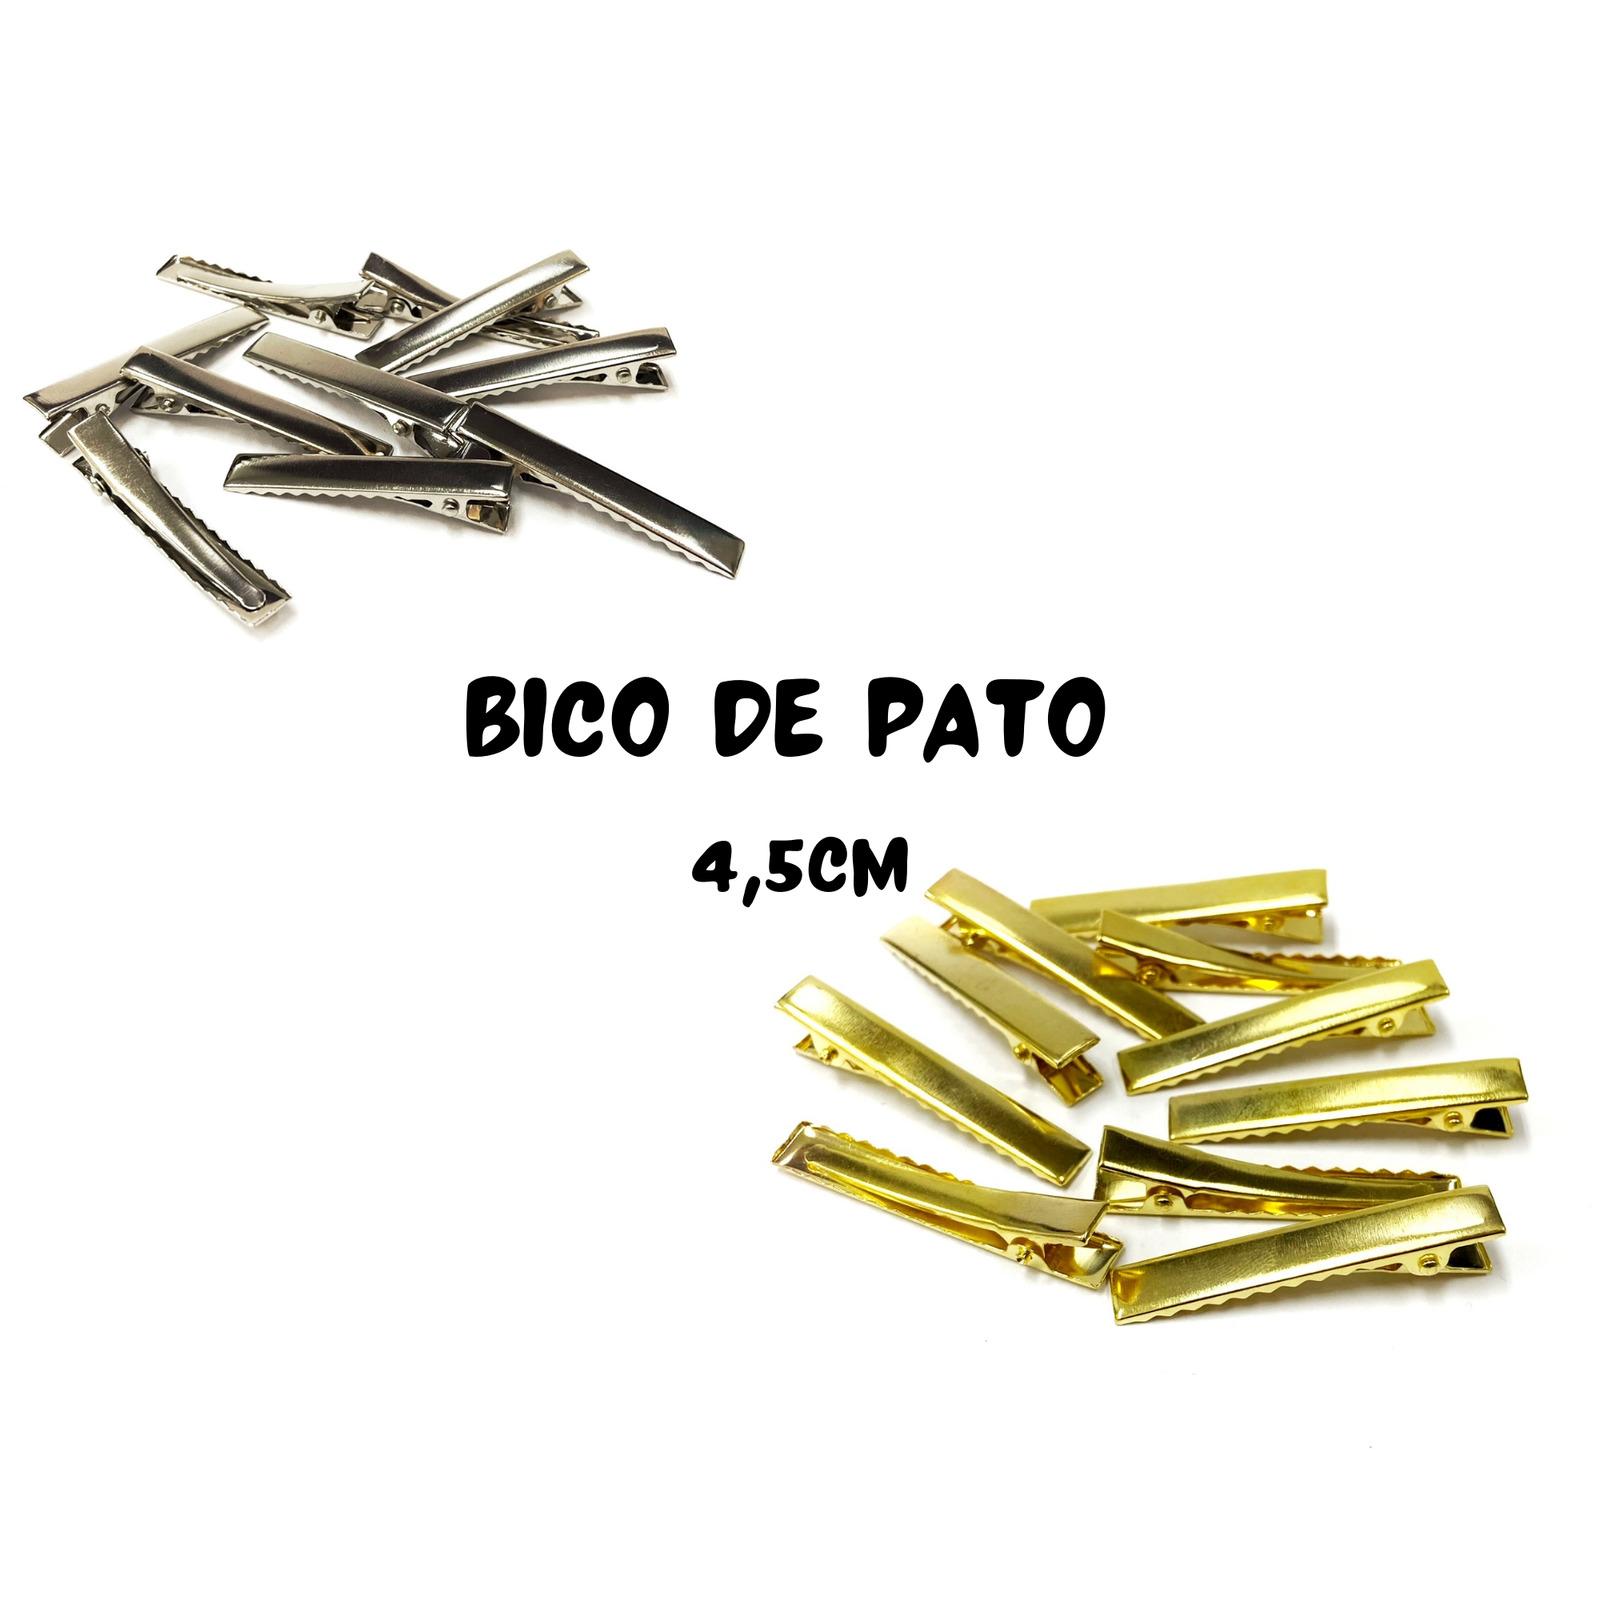 Bico de Pato 4,5cm - 10 unidades